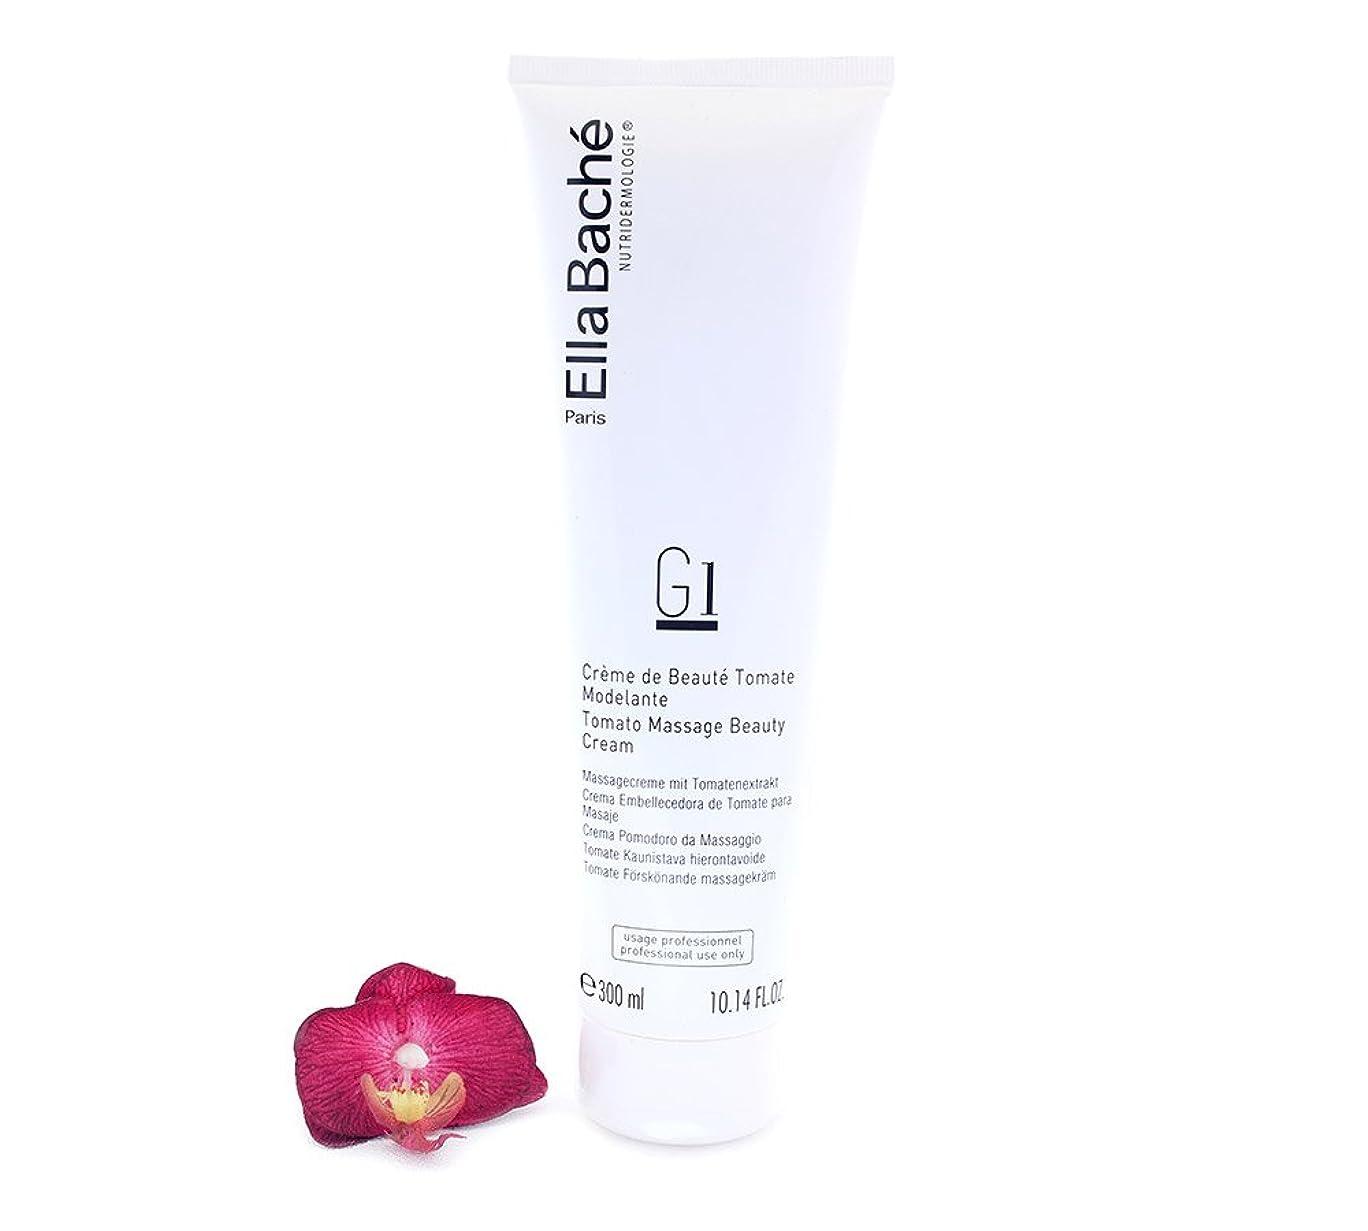 興奮するピケ故意にエラバシェ Nutridermologie Tomato Massage Beauty Cream For Face & Body - Professional Size 300ml/10.14oz並行輸入品